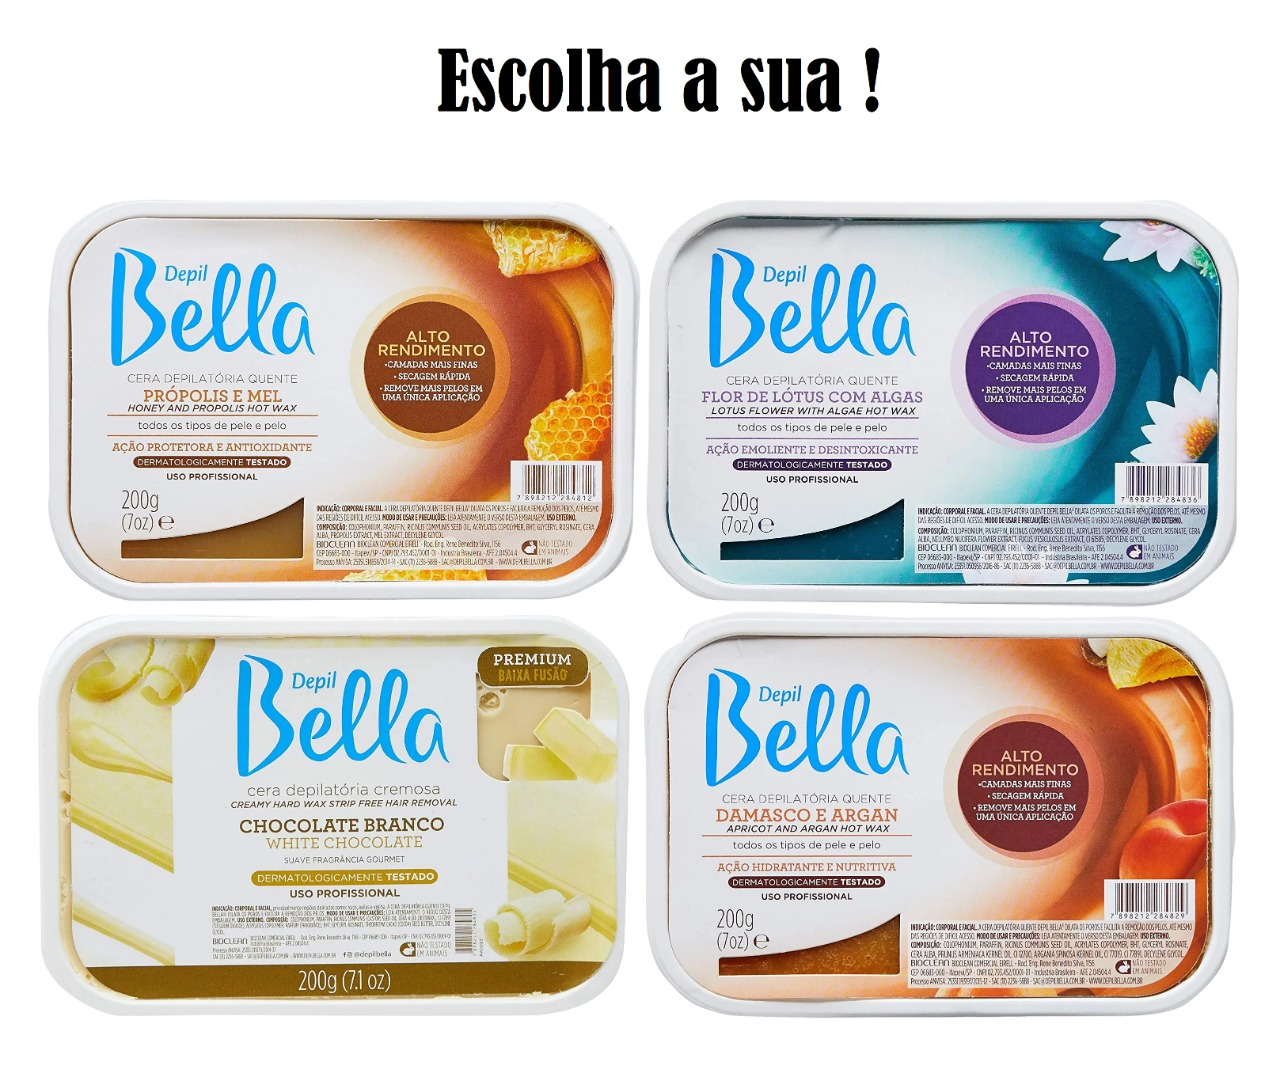 DEPIL BELLA CERA DEPILATÓRIA 200g (Escolha a sua)